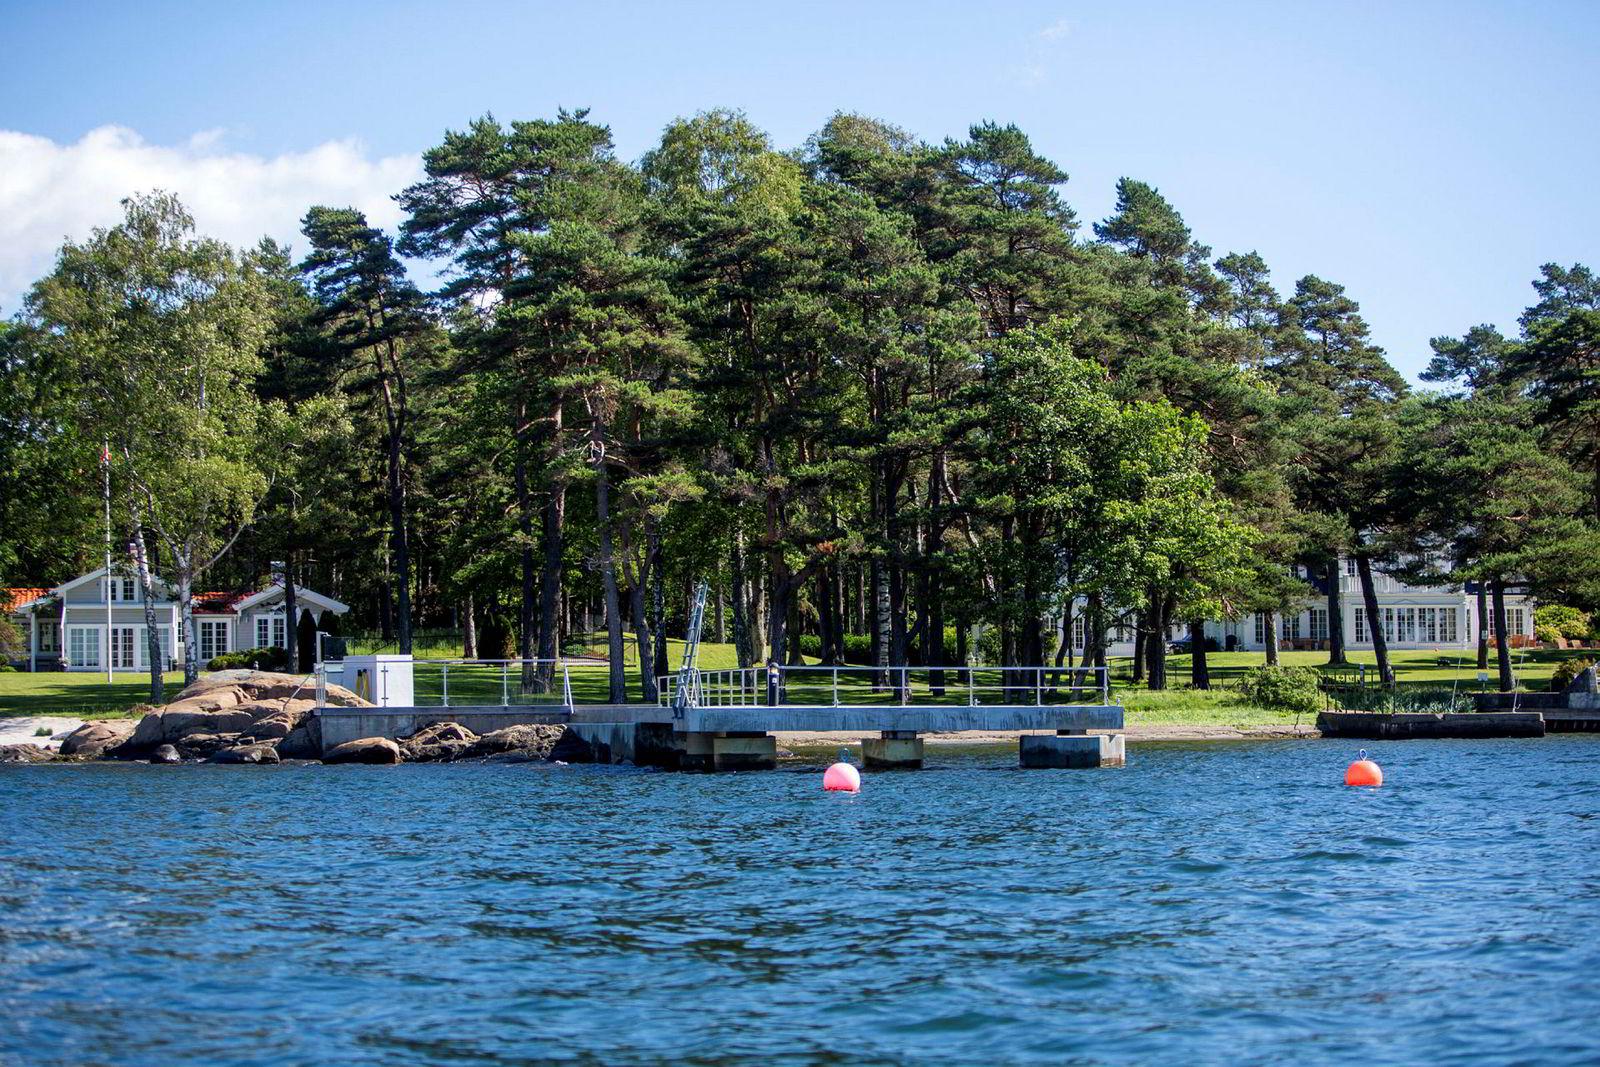 Brian Ole Jepsens nye hytte på Vesterøya i Sandefjord ligger til venstre i bildet. Eiendommen han kjøpte i 2007 ligger til høyre.